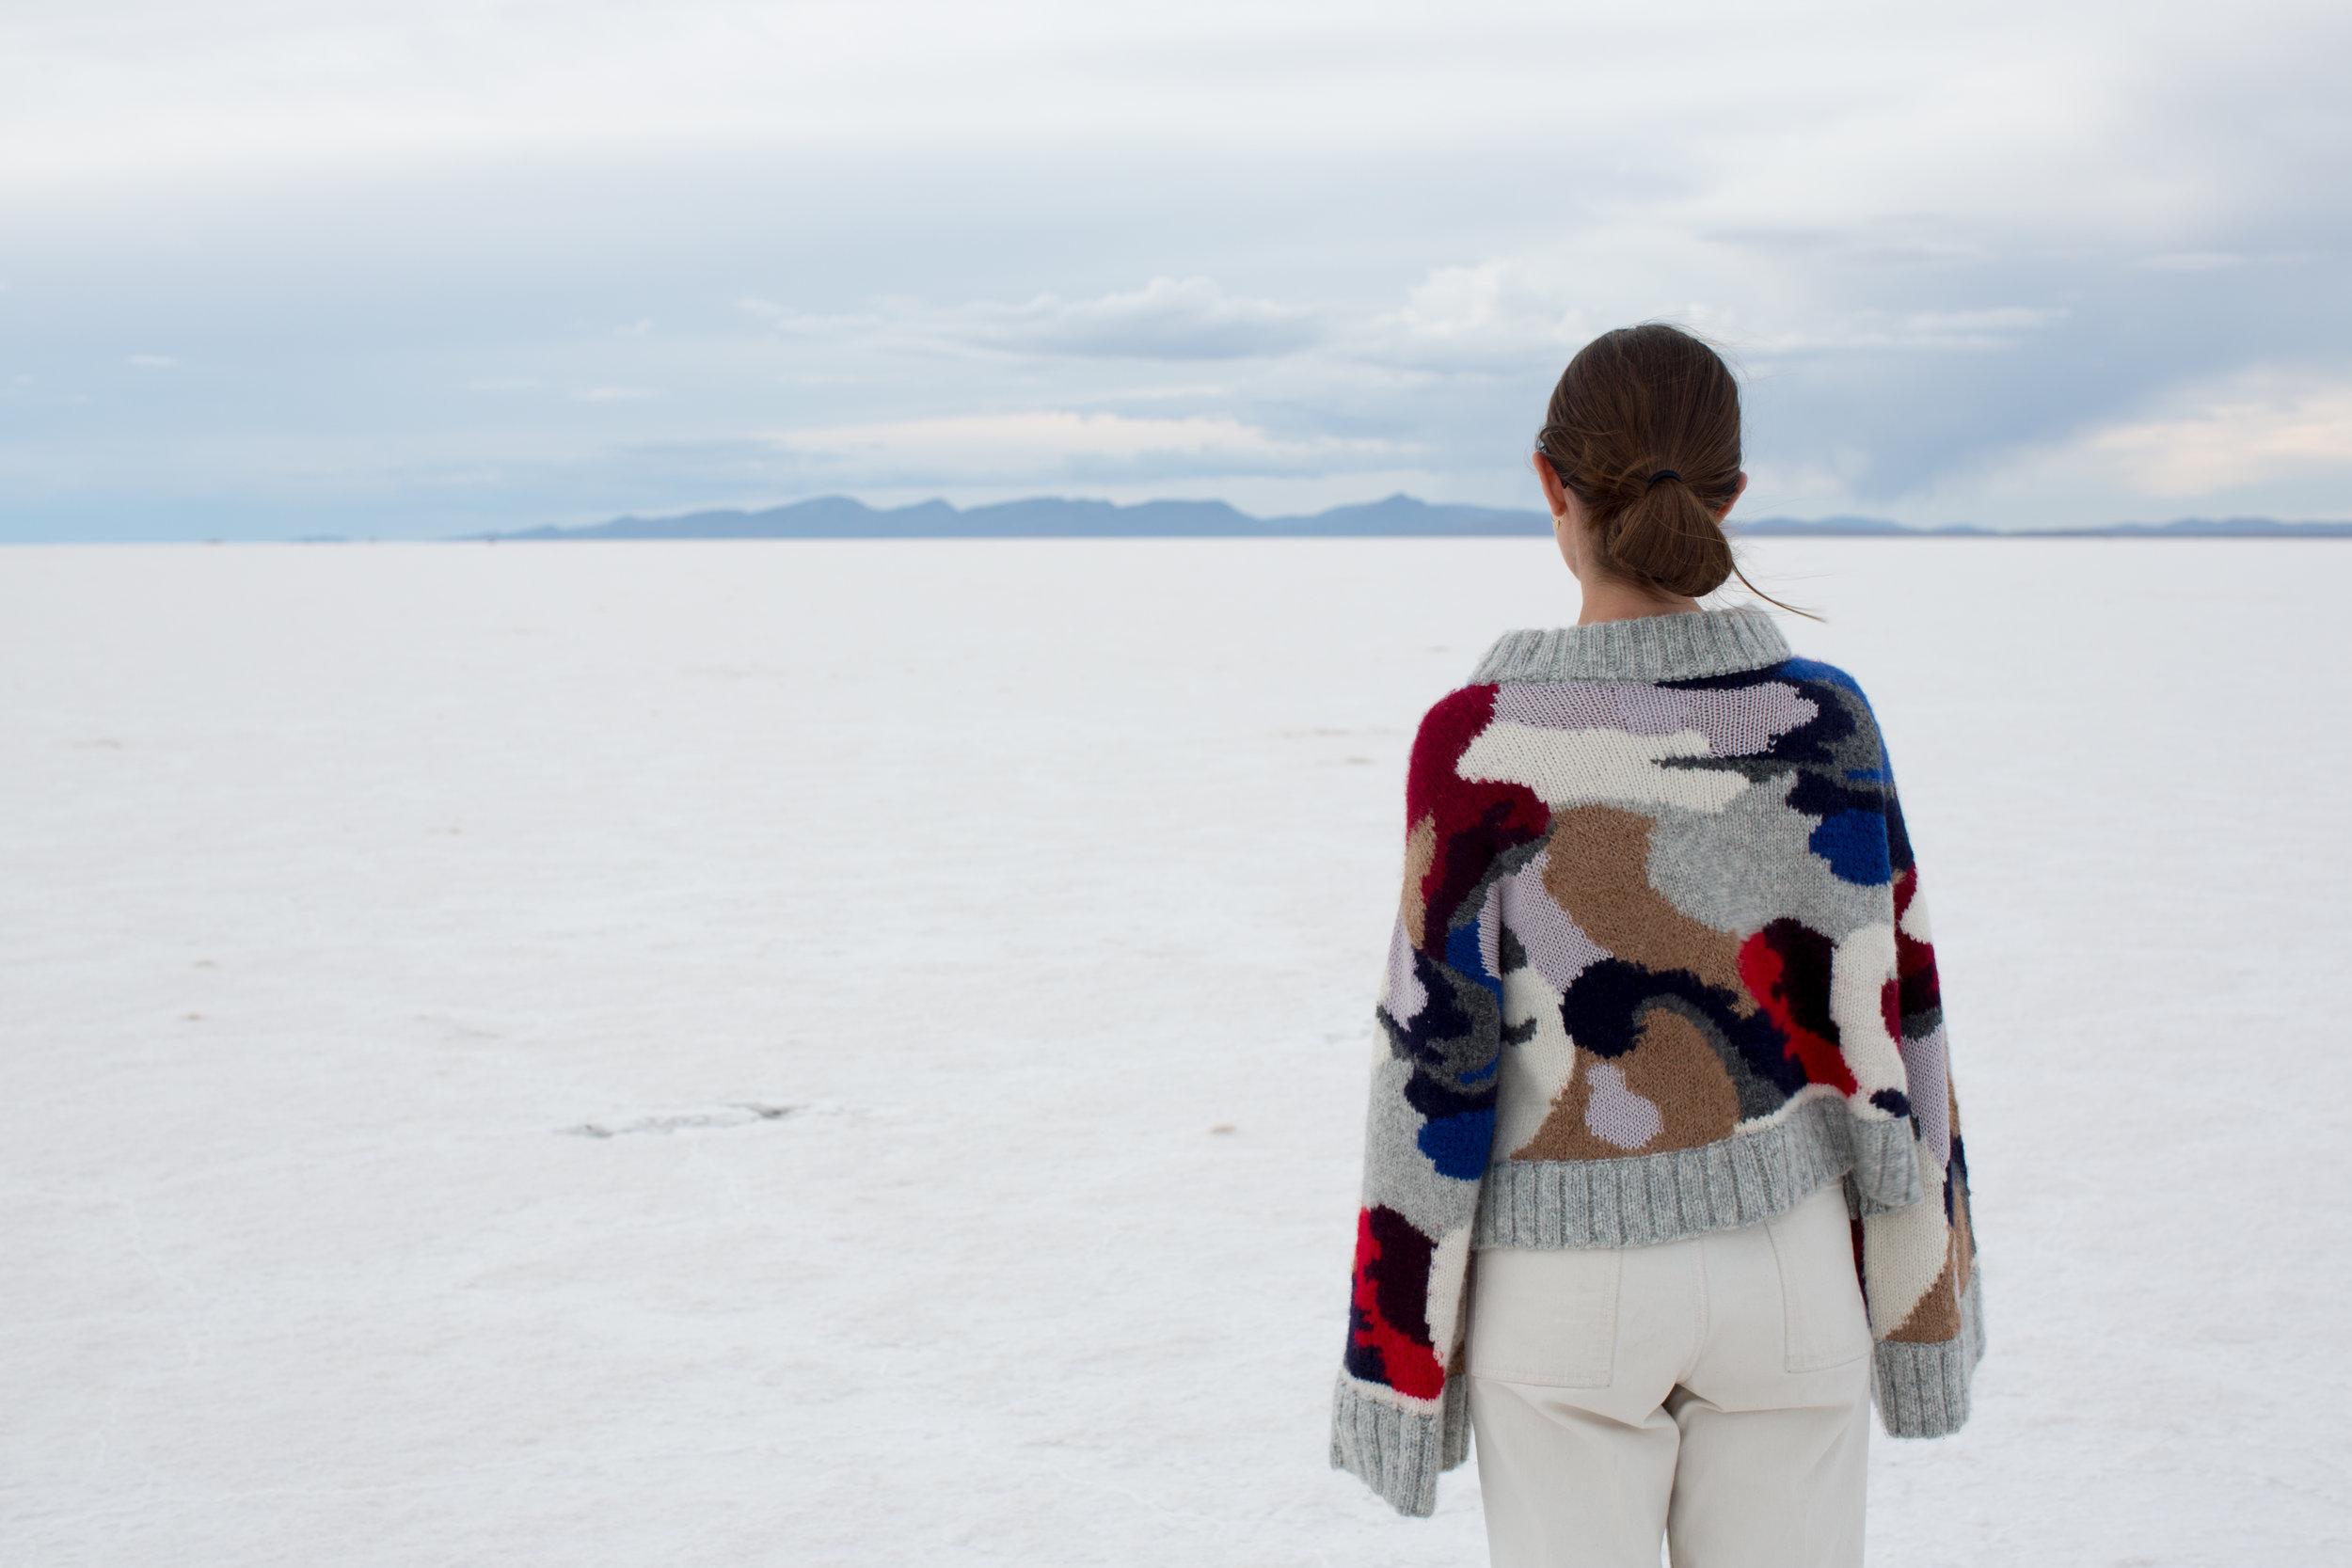 FW18 Kira Sweater coming soon...